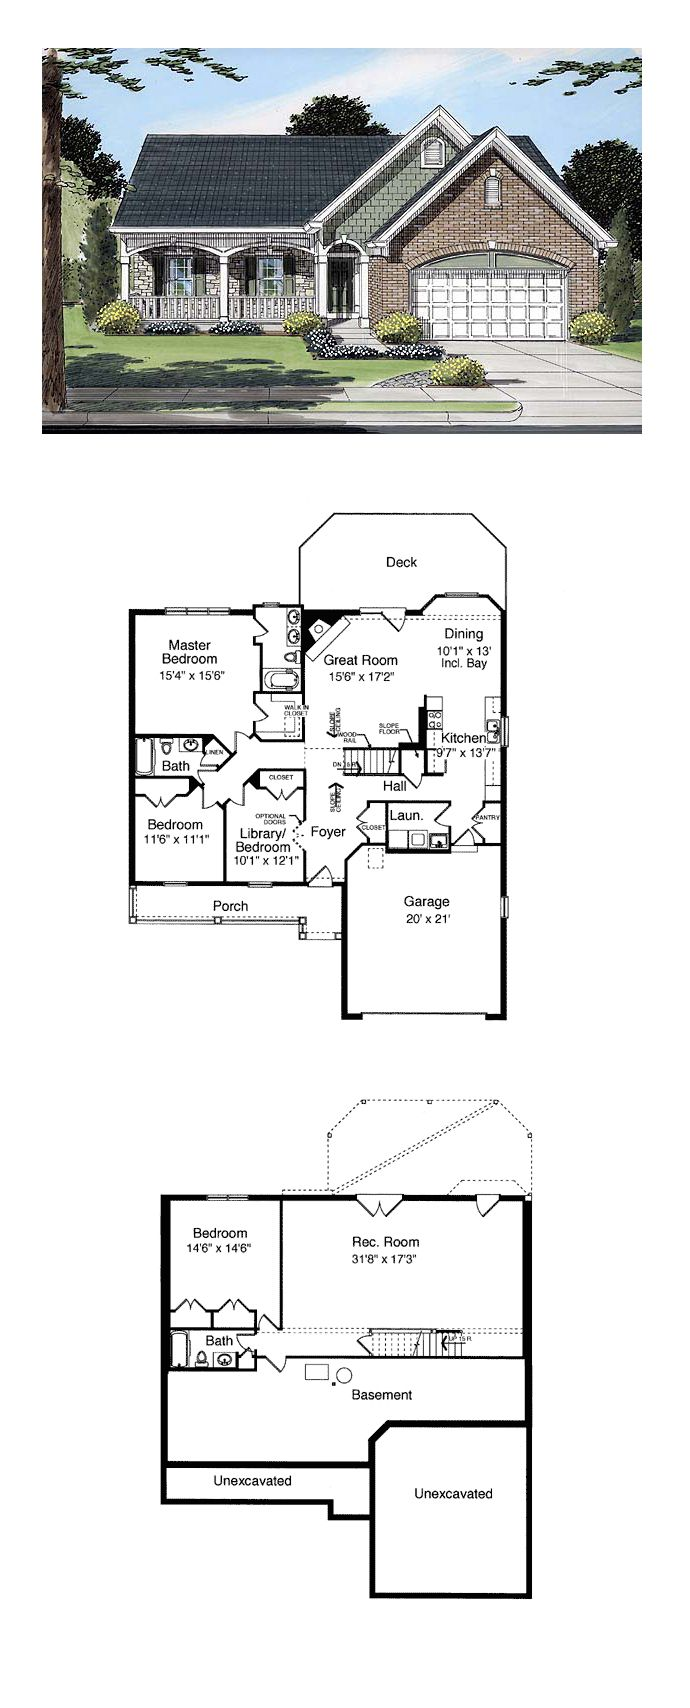 50 best bungalow house plans images on pinterest bungalow house bungalow country european house plan 50085